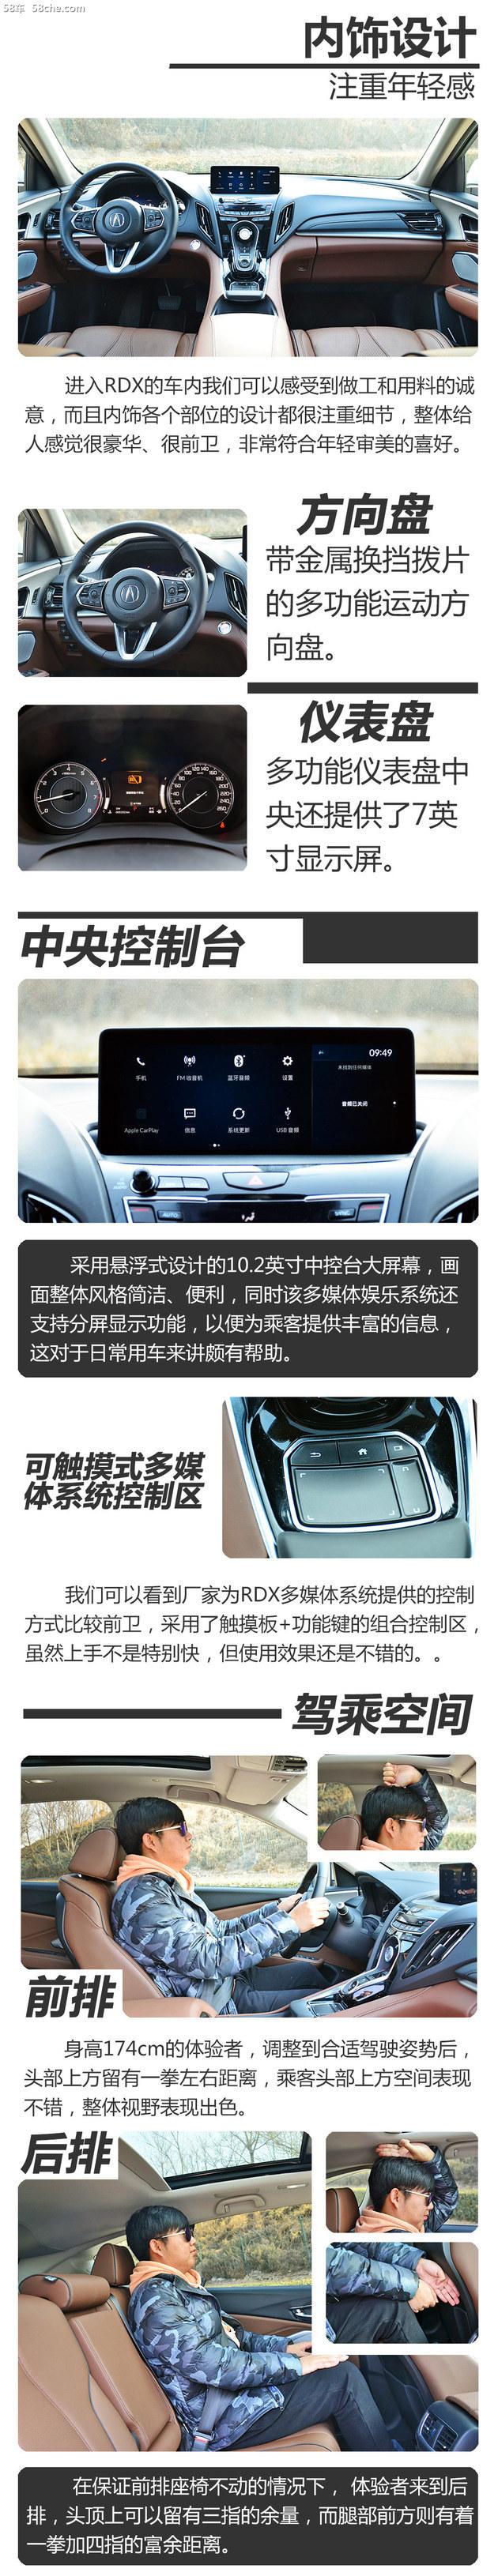 广汽讴歌RDX性能测试 操控表现给高分